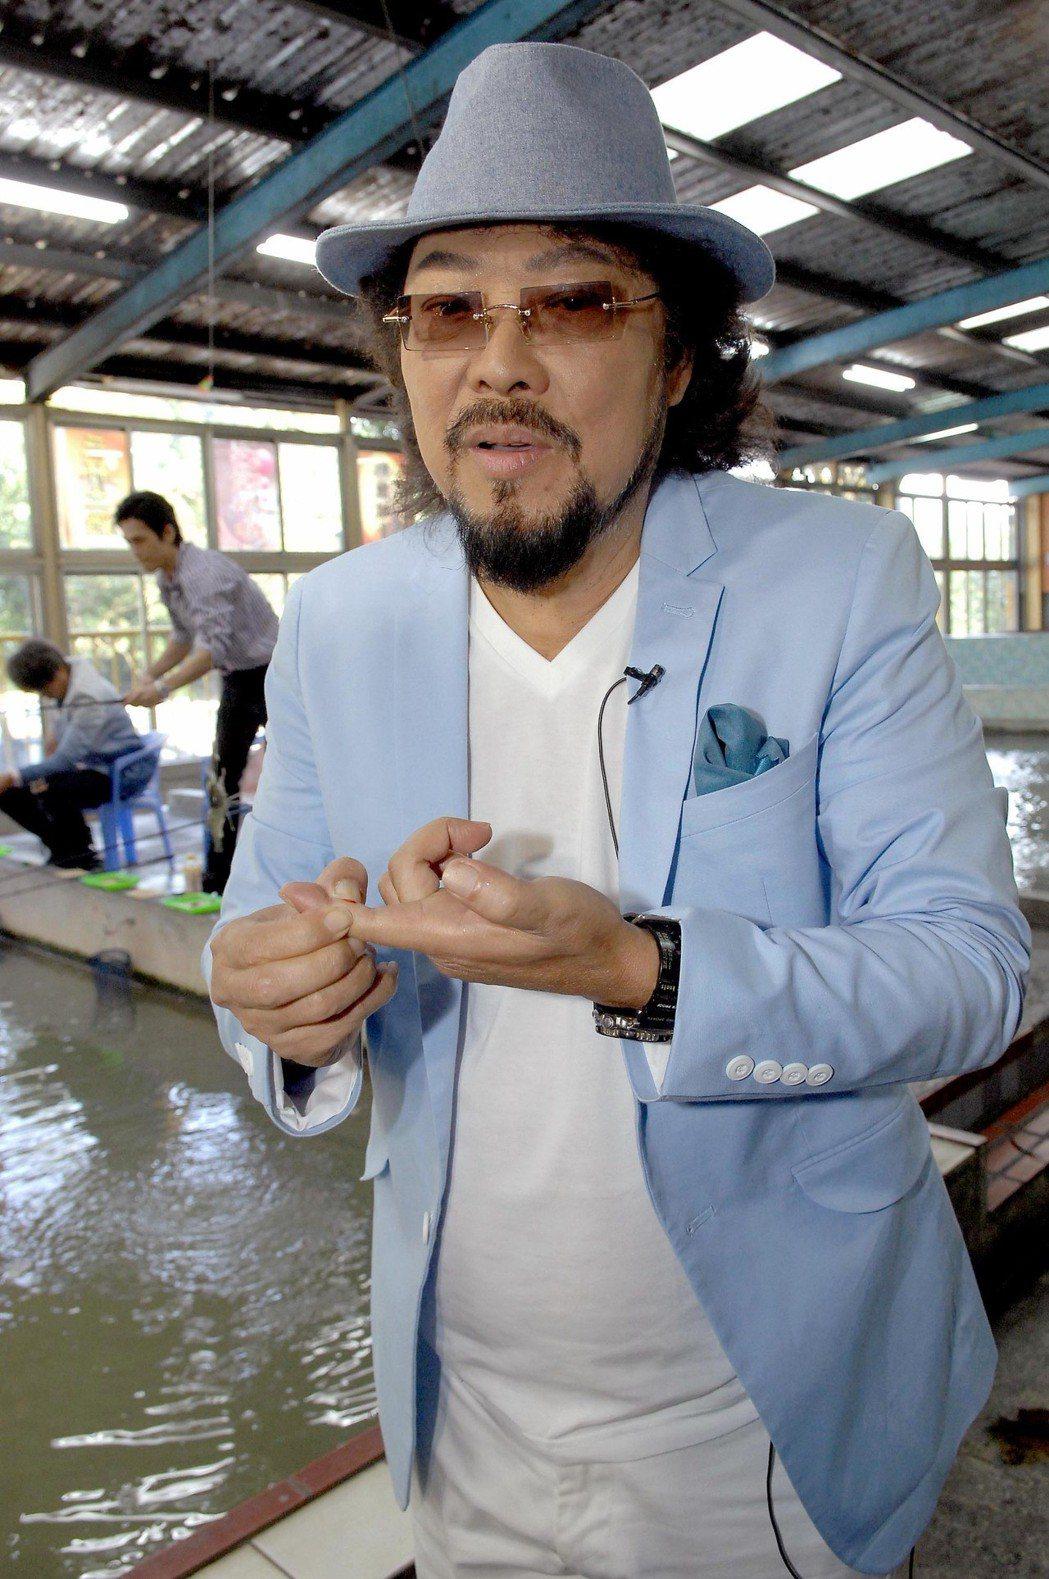 張菲不慎被泰國蝦螯咬上手指,當場濺血中斷錄影。圖/華視提供